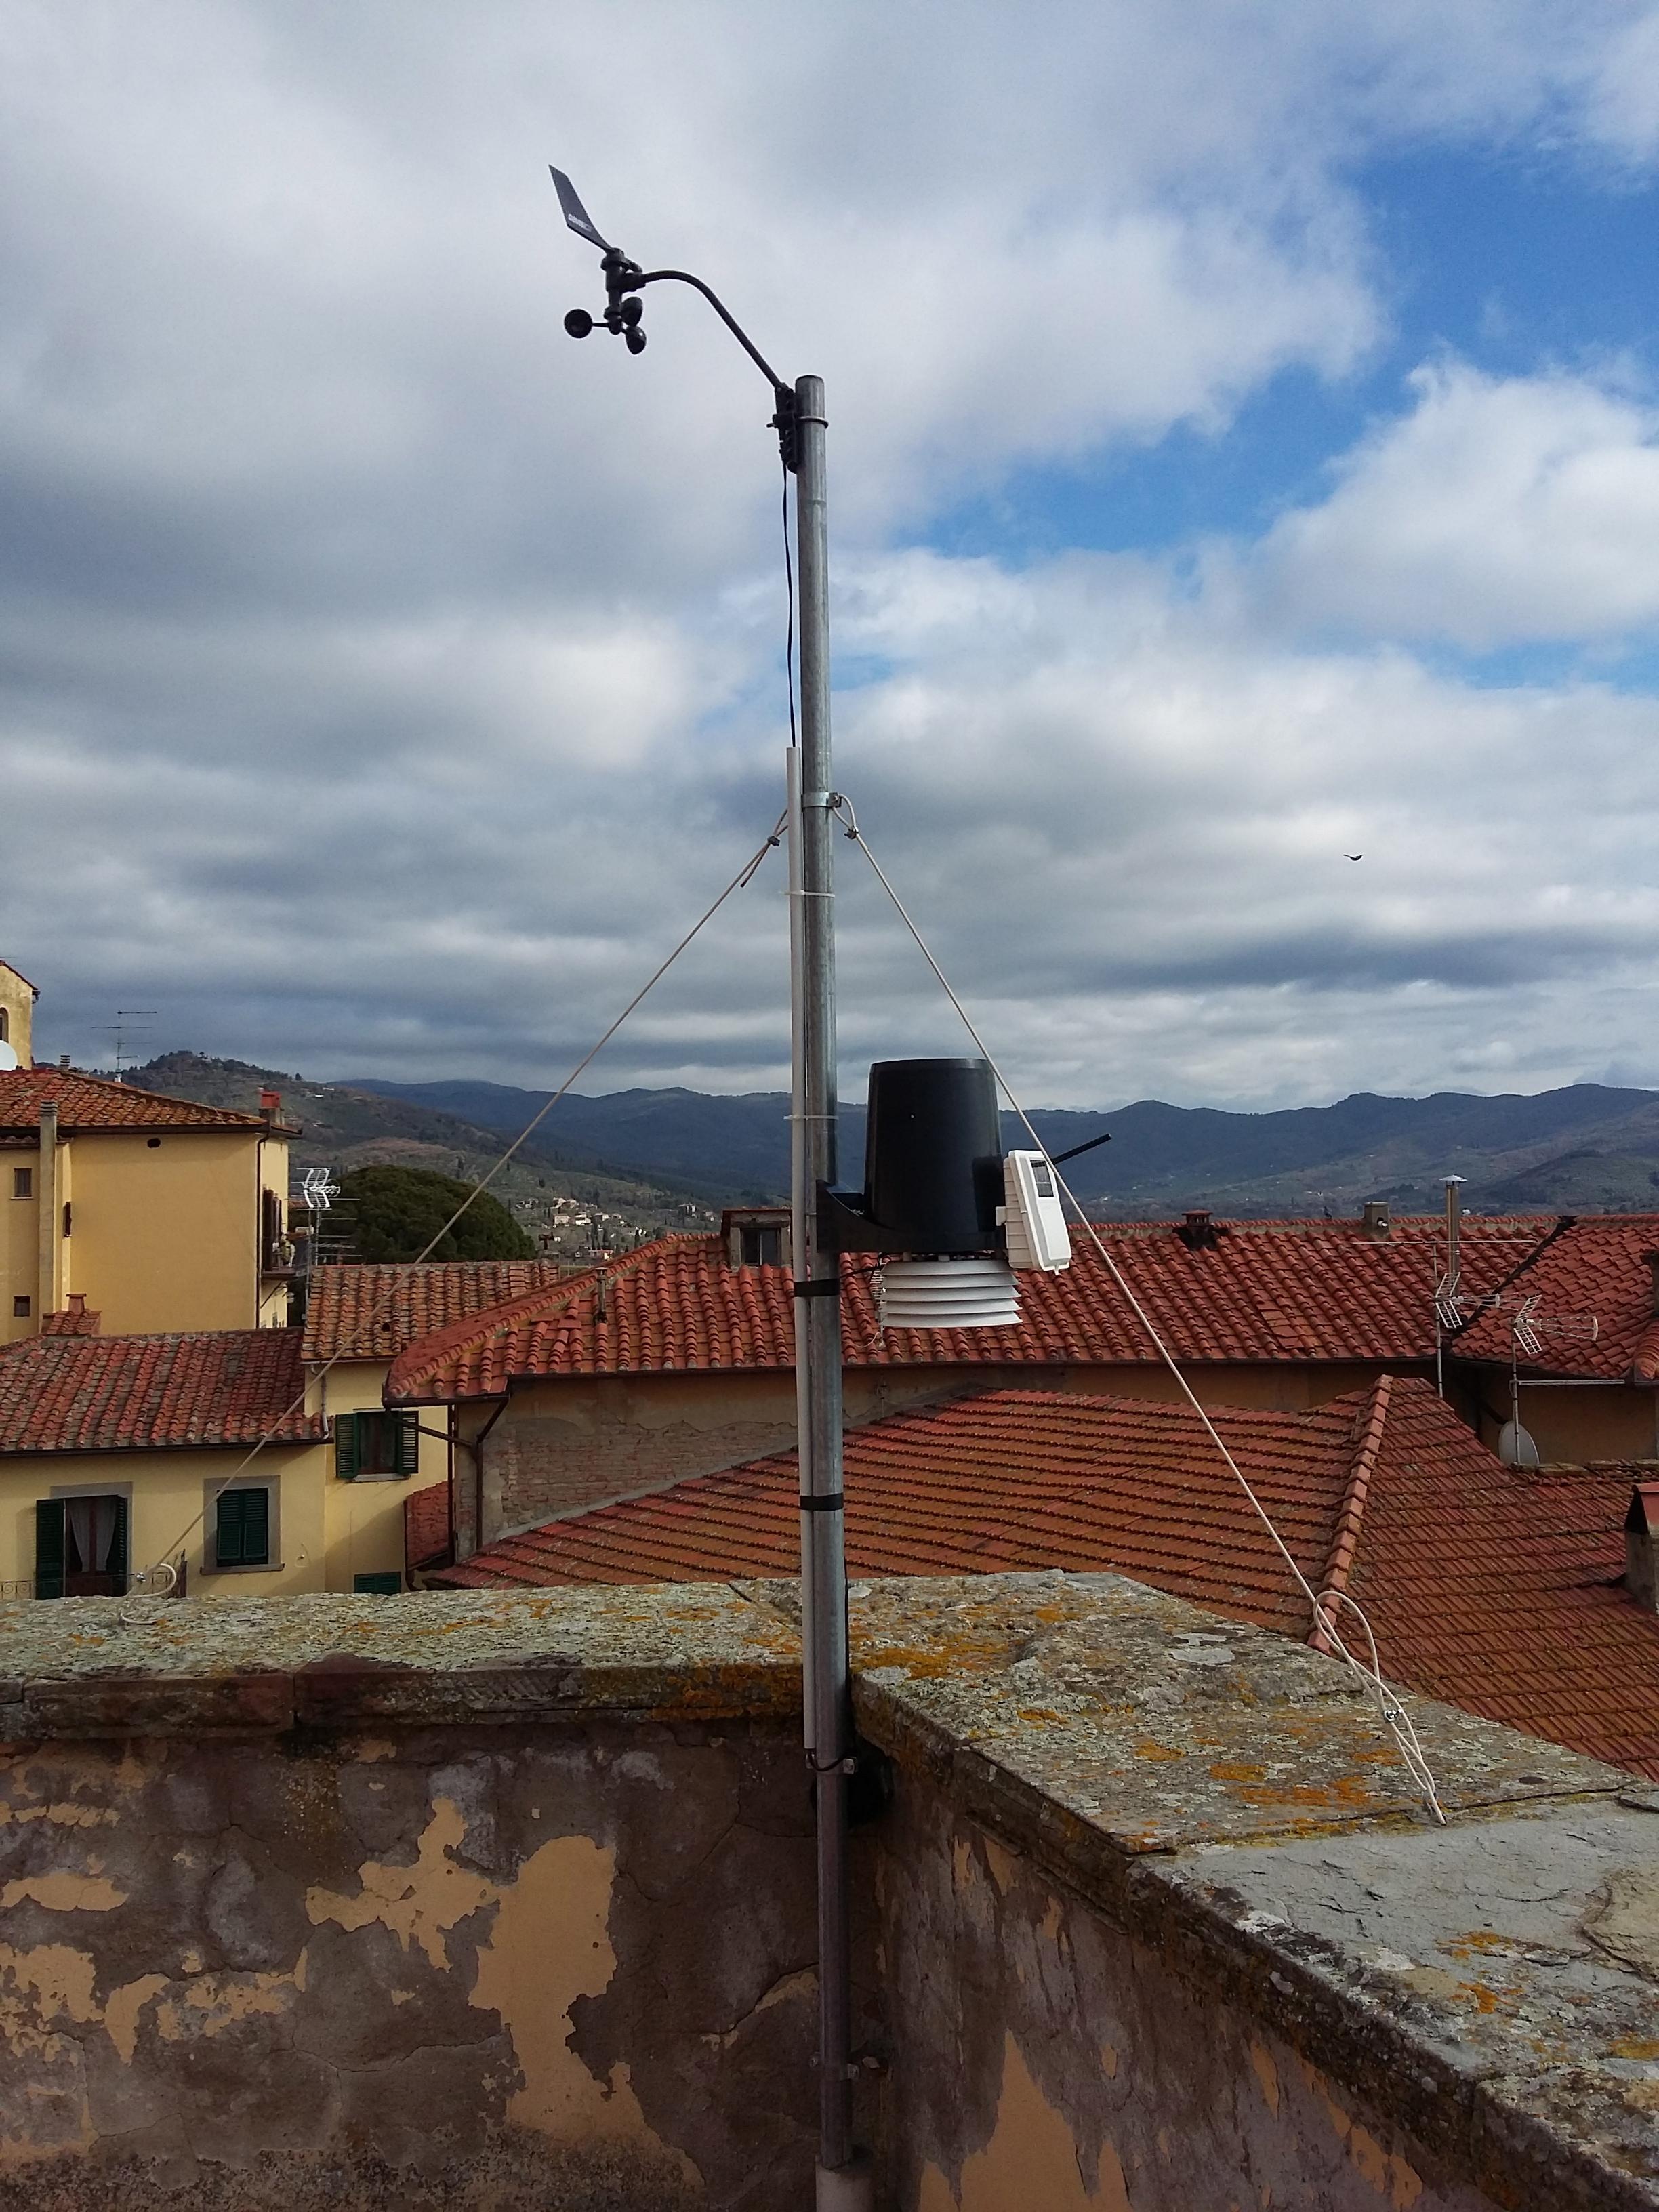 Una stazione meteo allo Scientifico di Castiglion Fiorentino